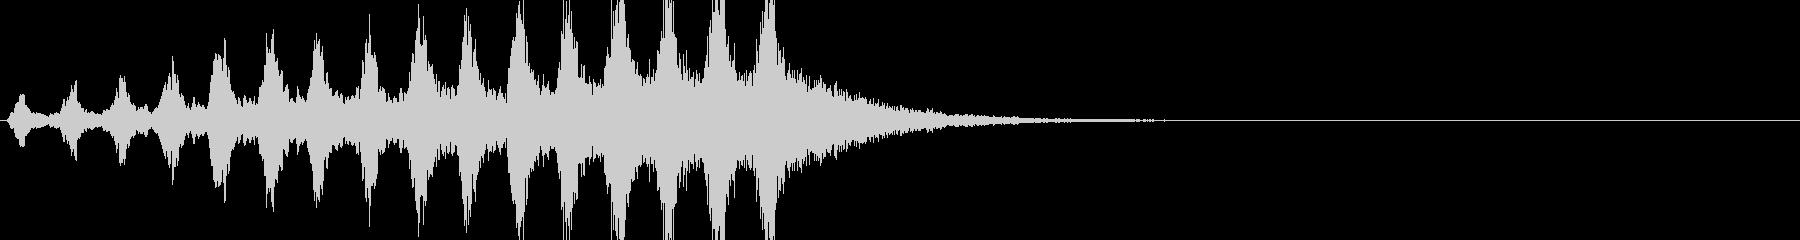 オリジナルのサスペンス風効果音の未再生の波形